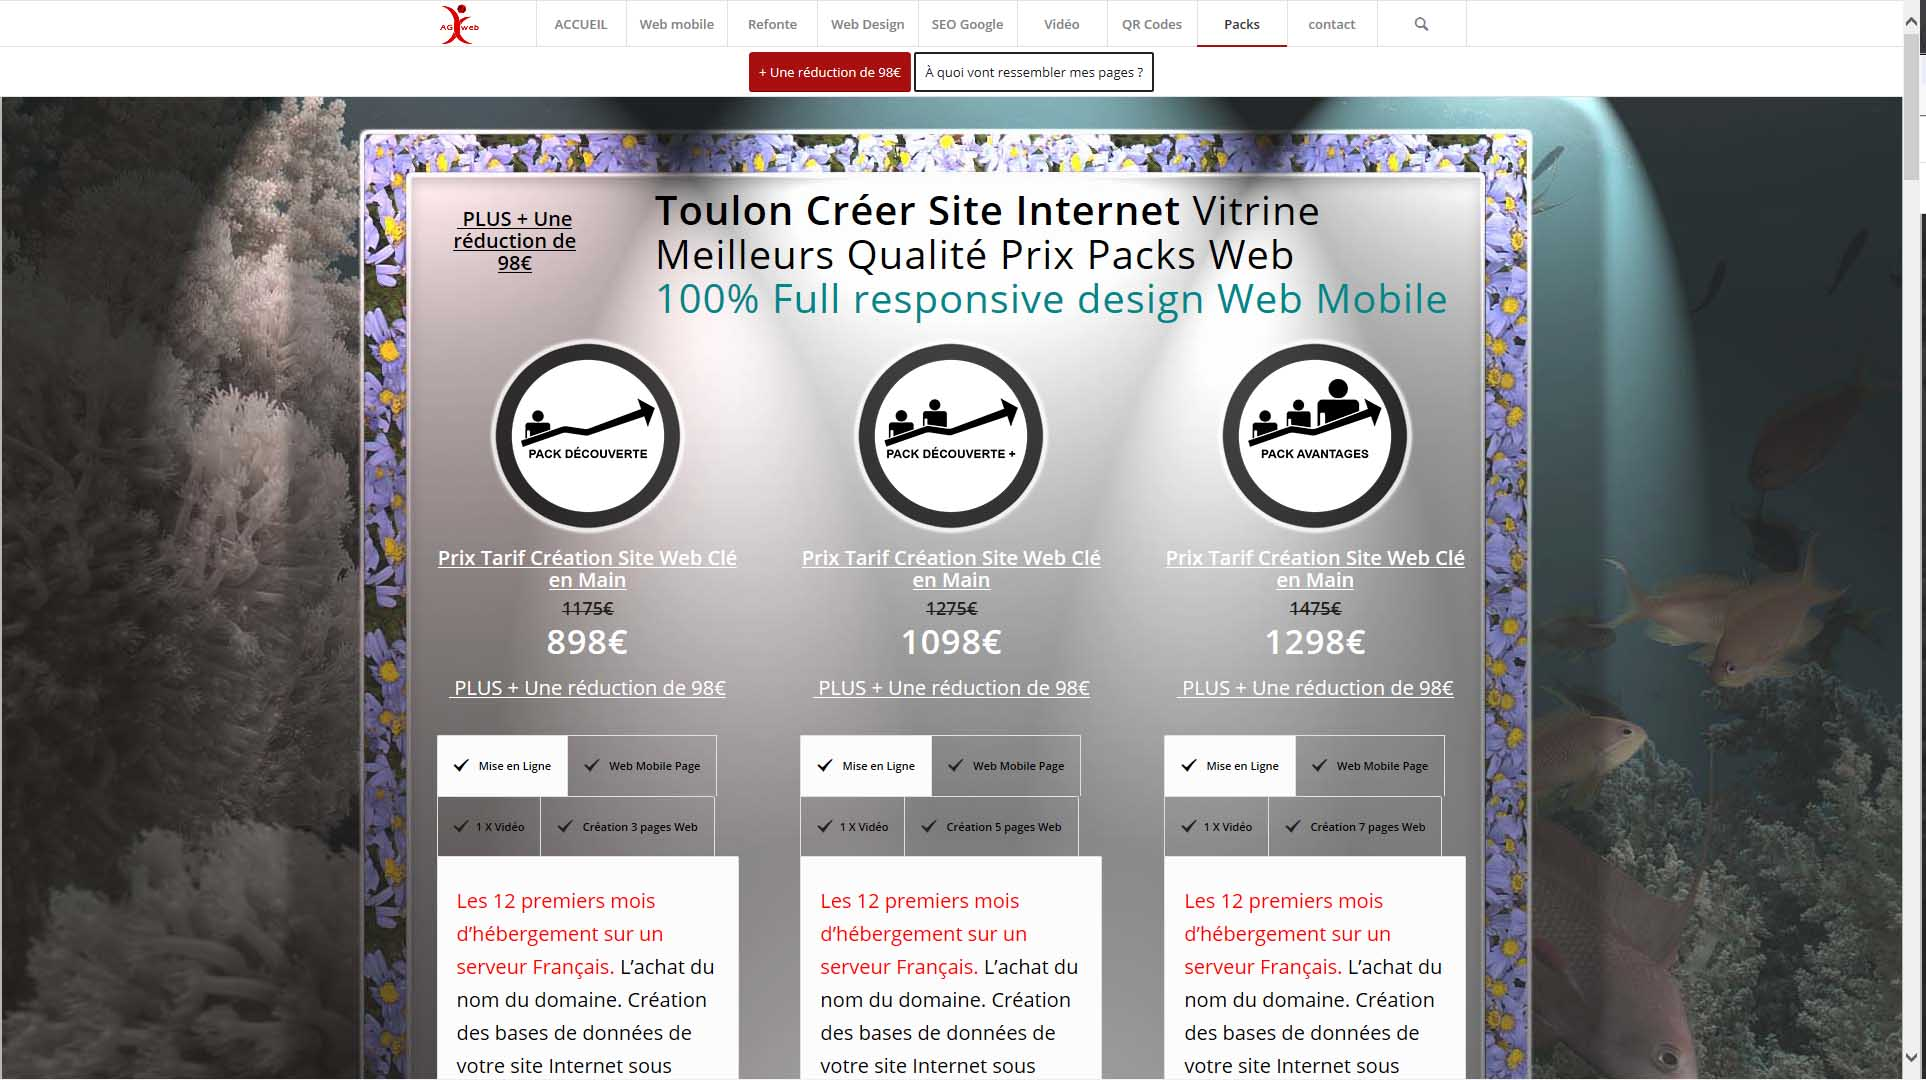 Toulon Créer Site Internet Vitrine Meilleurs Qualité Prix Packs Web